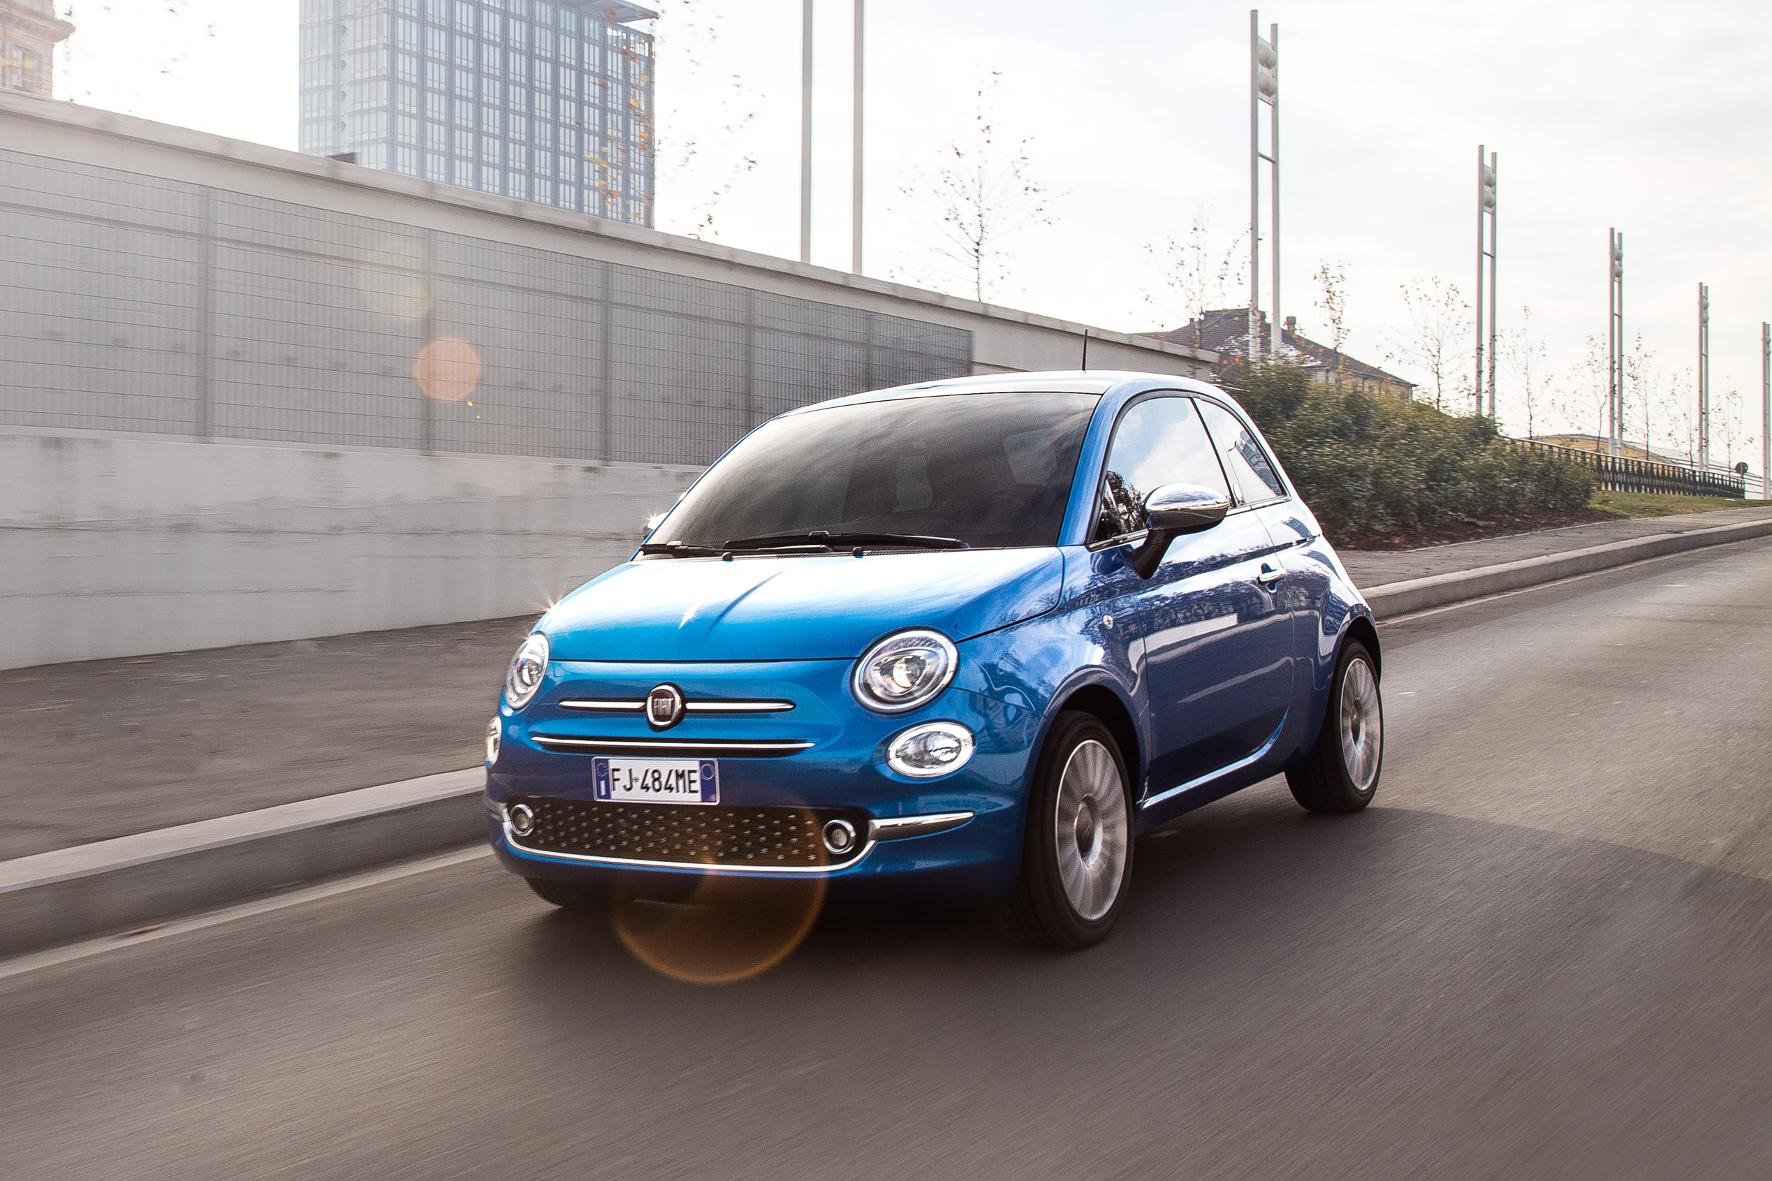 mid Frankfurt am Main - Testfahrt mit dem kleinsten Mitglied der neuen Mirror-Familie von Fiat: dem 500 Mirror. FCA